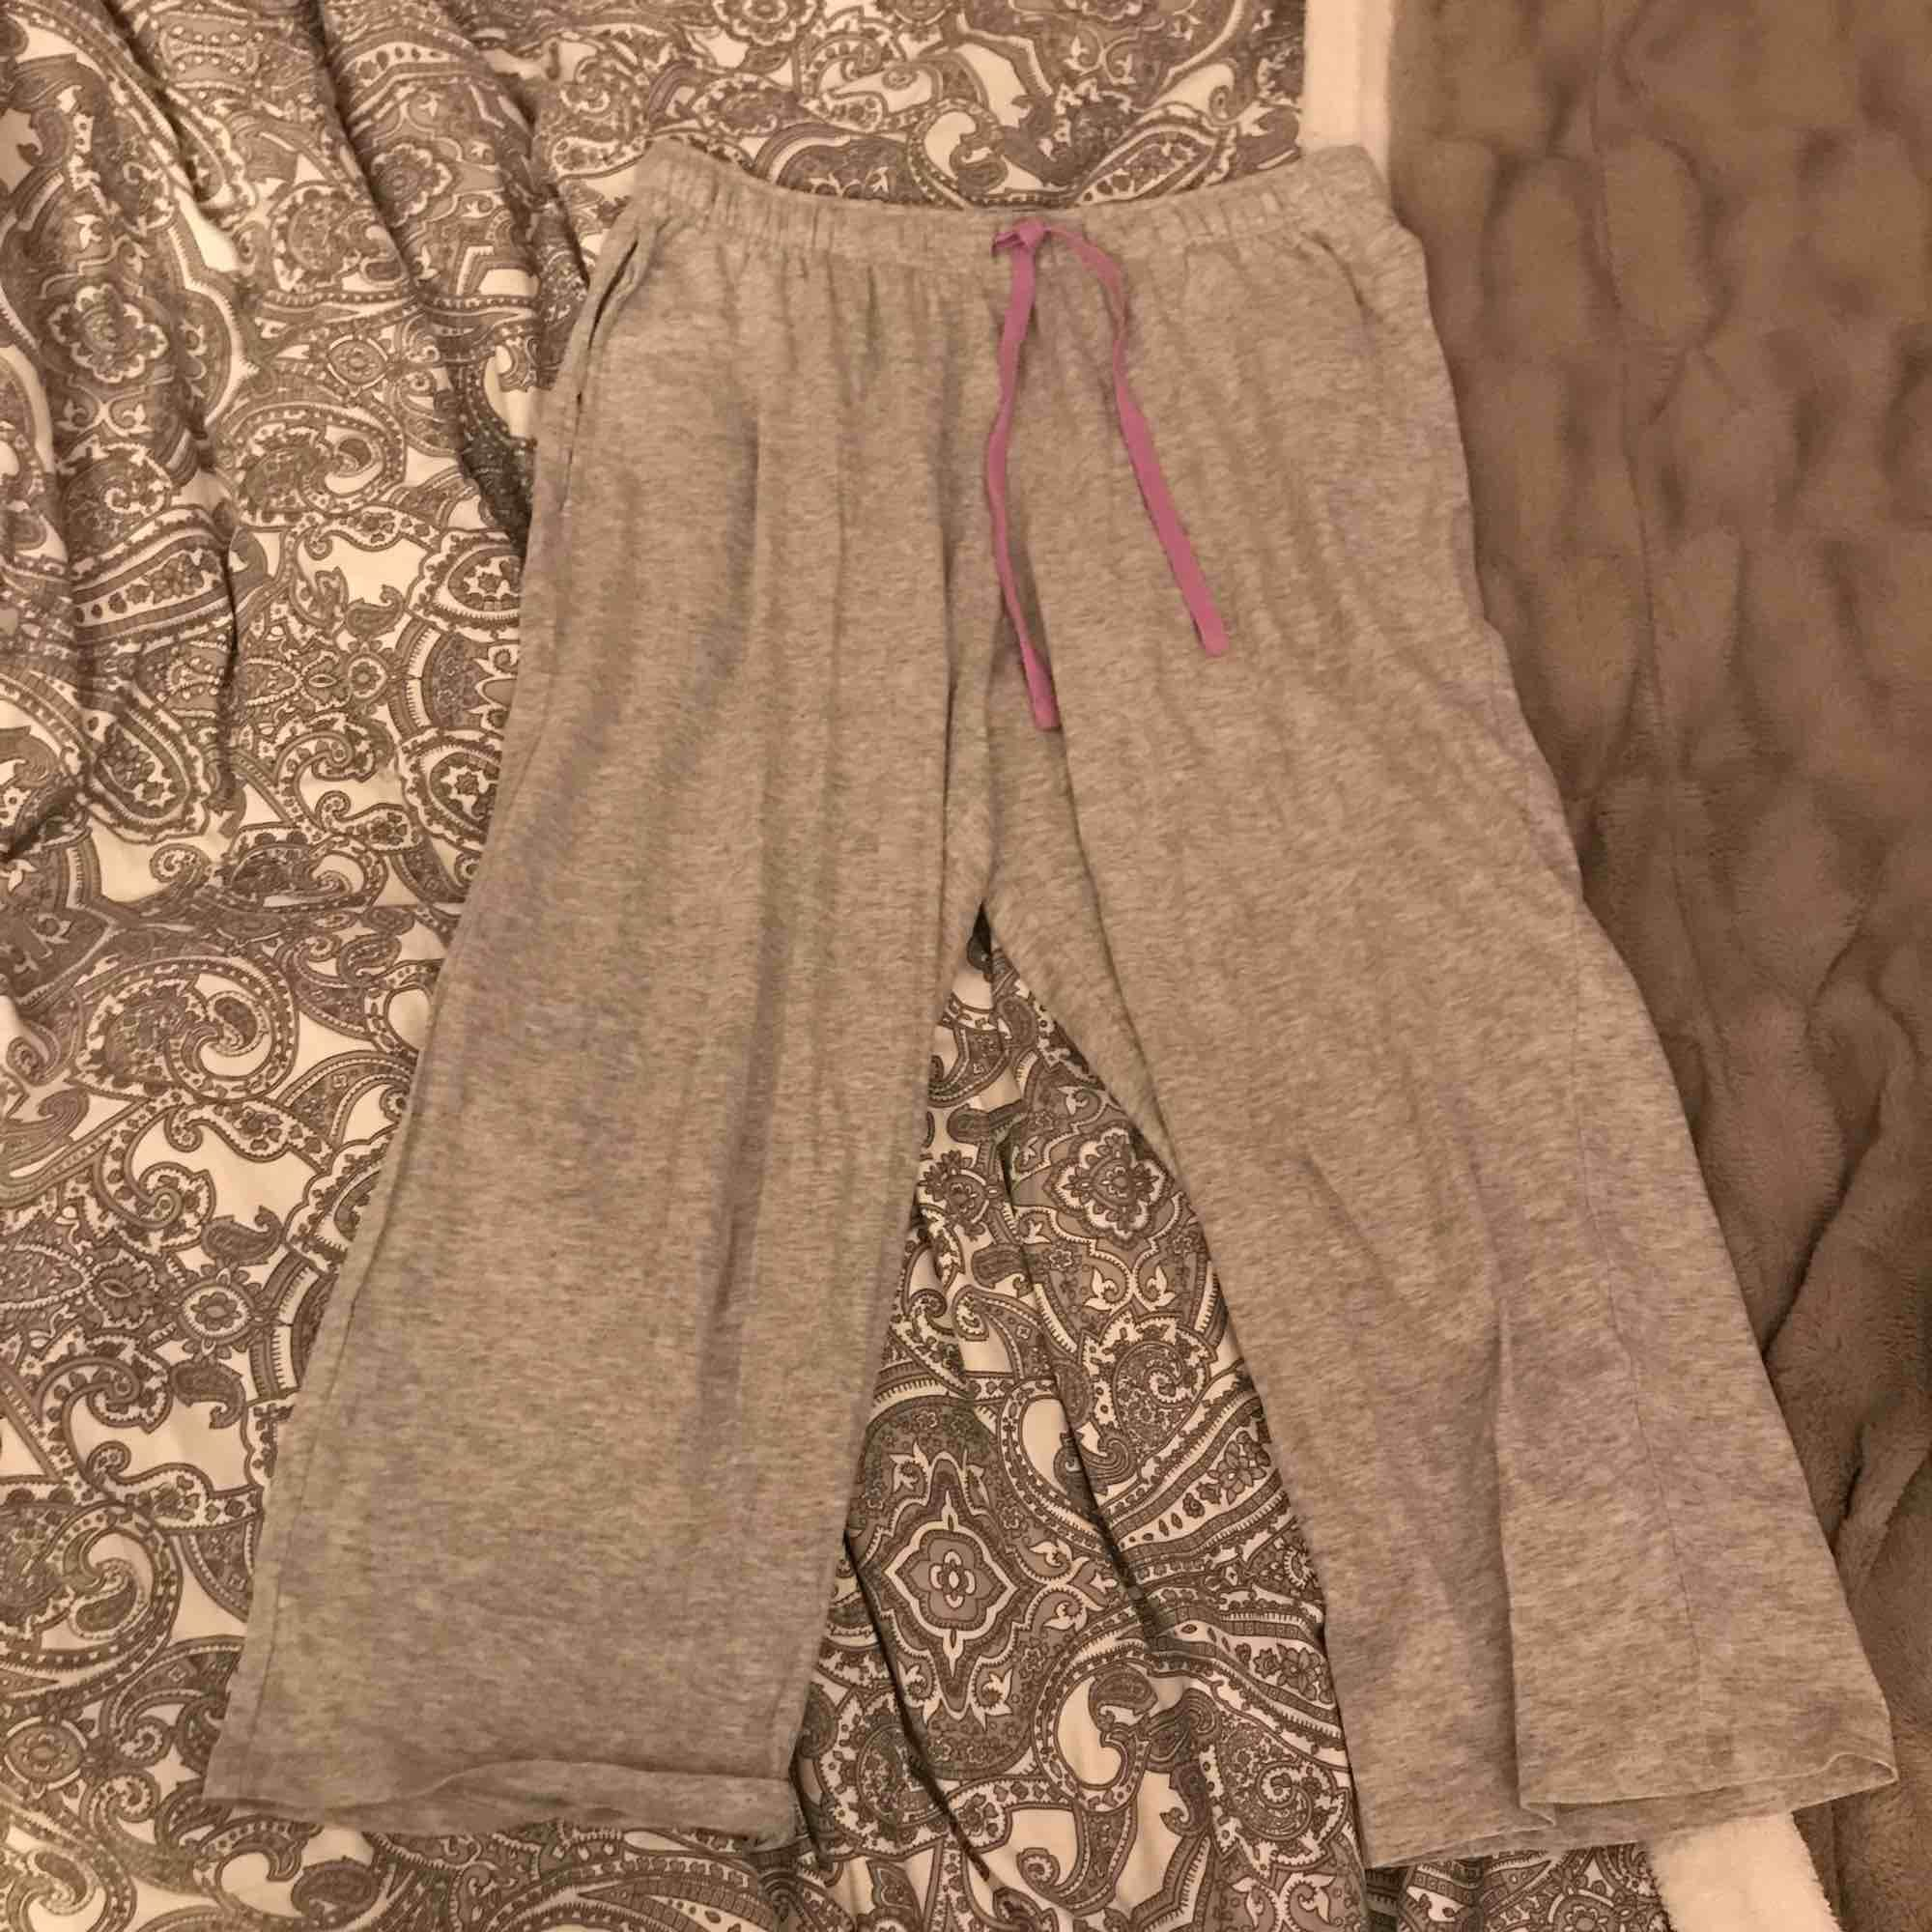 Gråa knälånga pyjamas byxor  Bekväma, säljs eftersom dem inte används  Aldrig använda  Only bra material, mörkt svarta, har ett resår i midjan-går att ta bort  Kan lämnas i Köping Eskilstuna Kungsör Göteborg 1-3 nov. Jeans & Byxor.